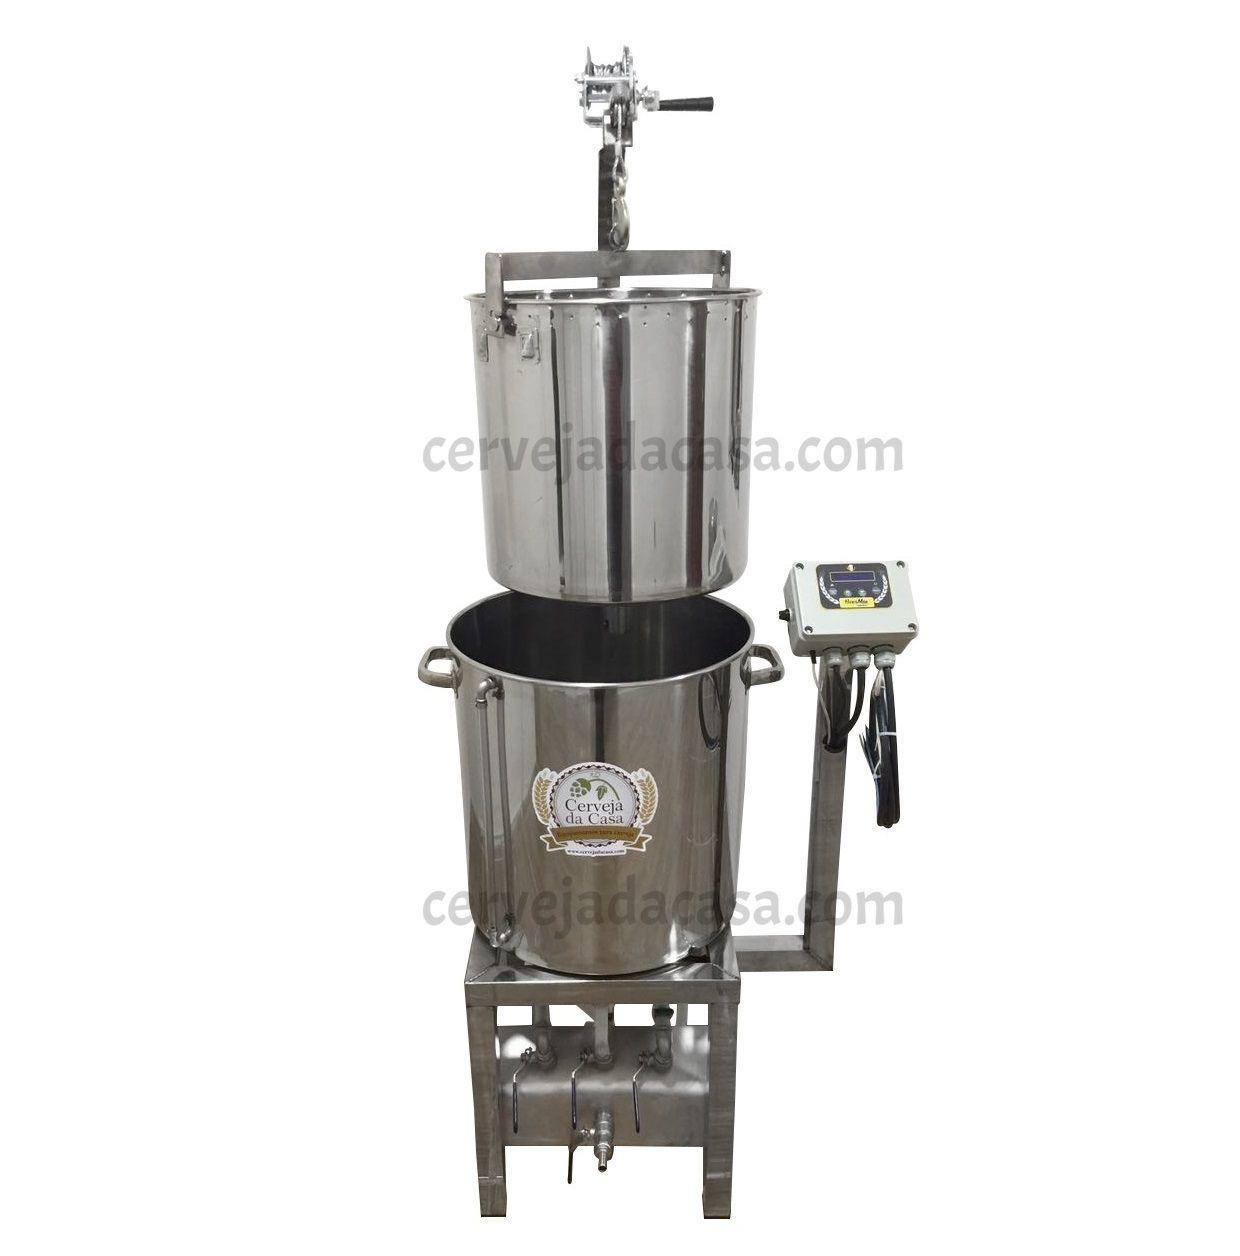 BierMaker 50 litros - Equipamento em Inox Automatizado Método Single Vessel com Estrutura  - Cerveja da Casa